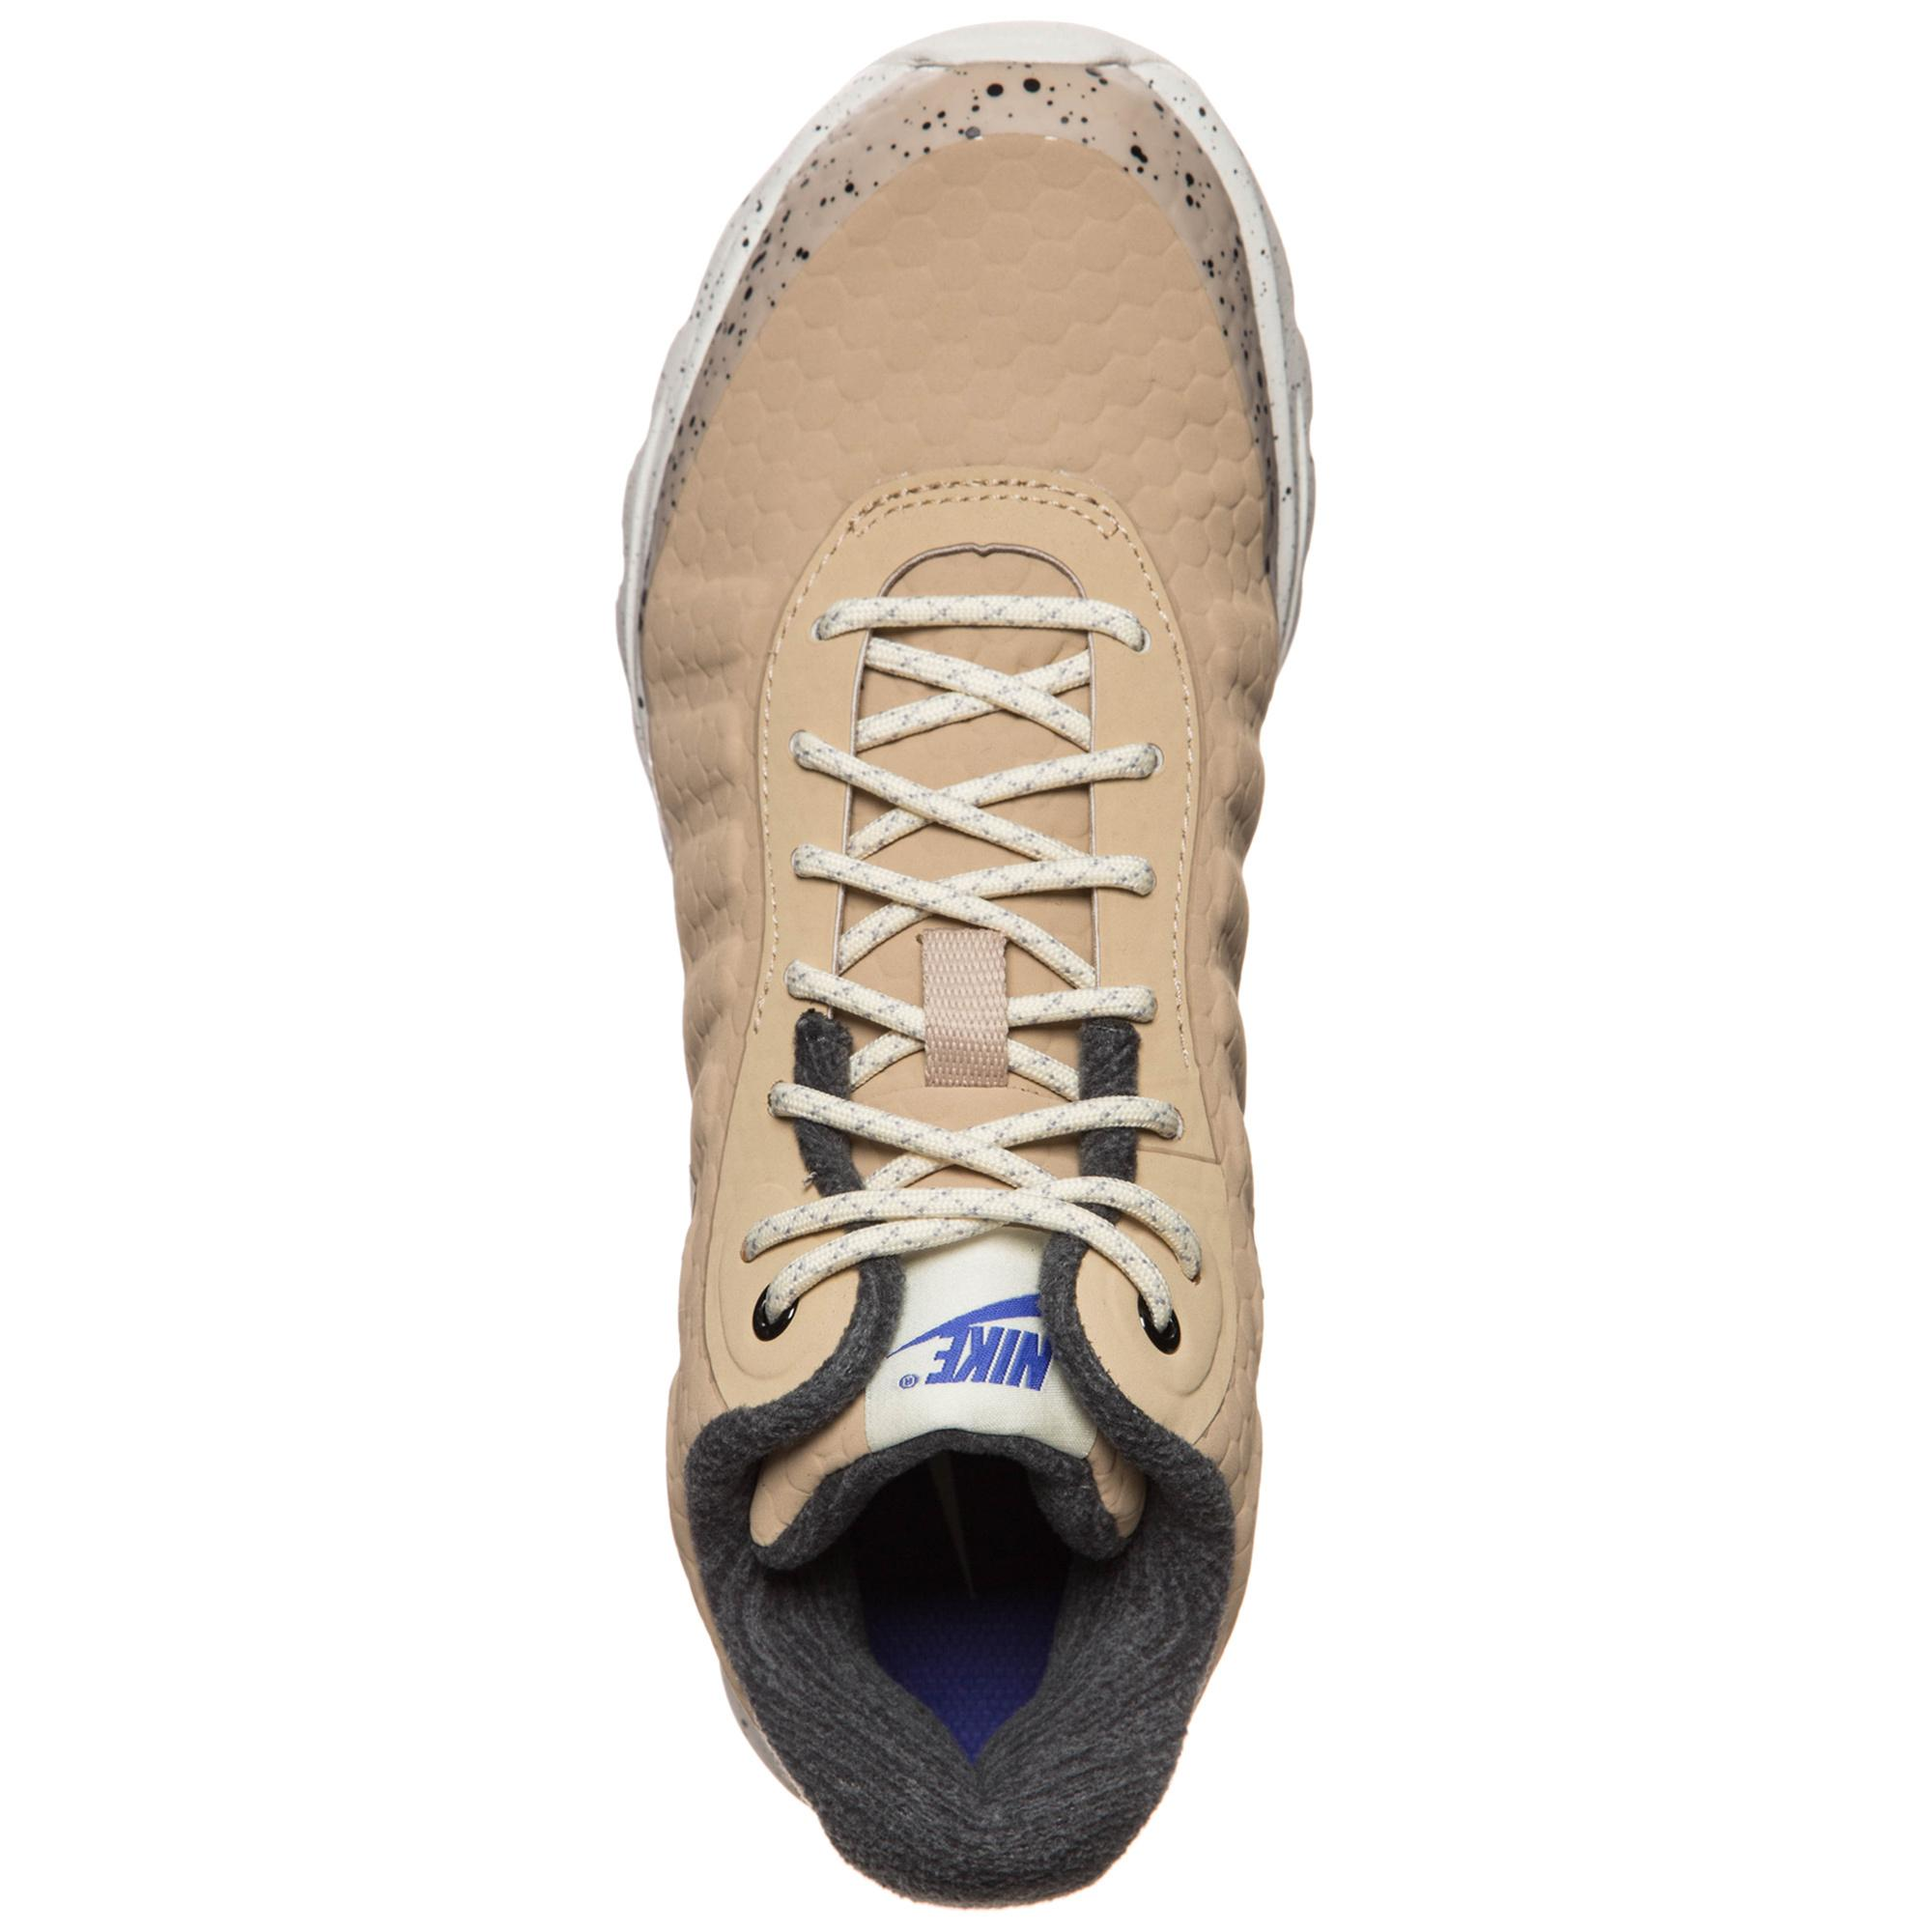 Nike Air Max Invigor Mid Turnschuhe Damen Damen Damen beige im Online Shop von SportScheck kaufen Gute Qualität beliebte Schuhe b4a973